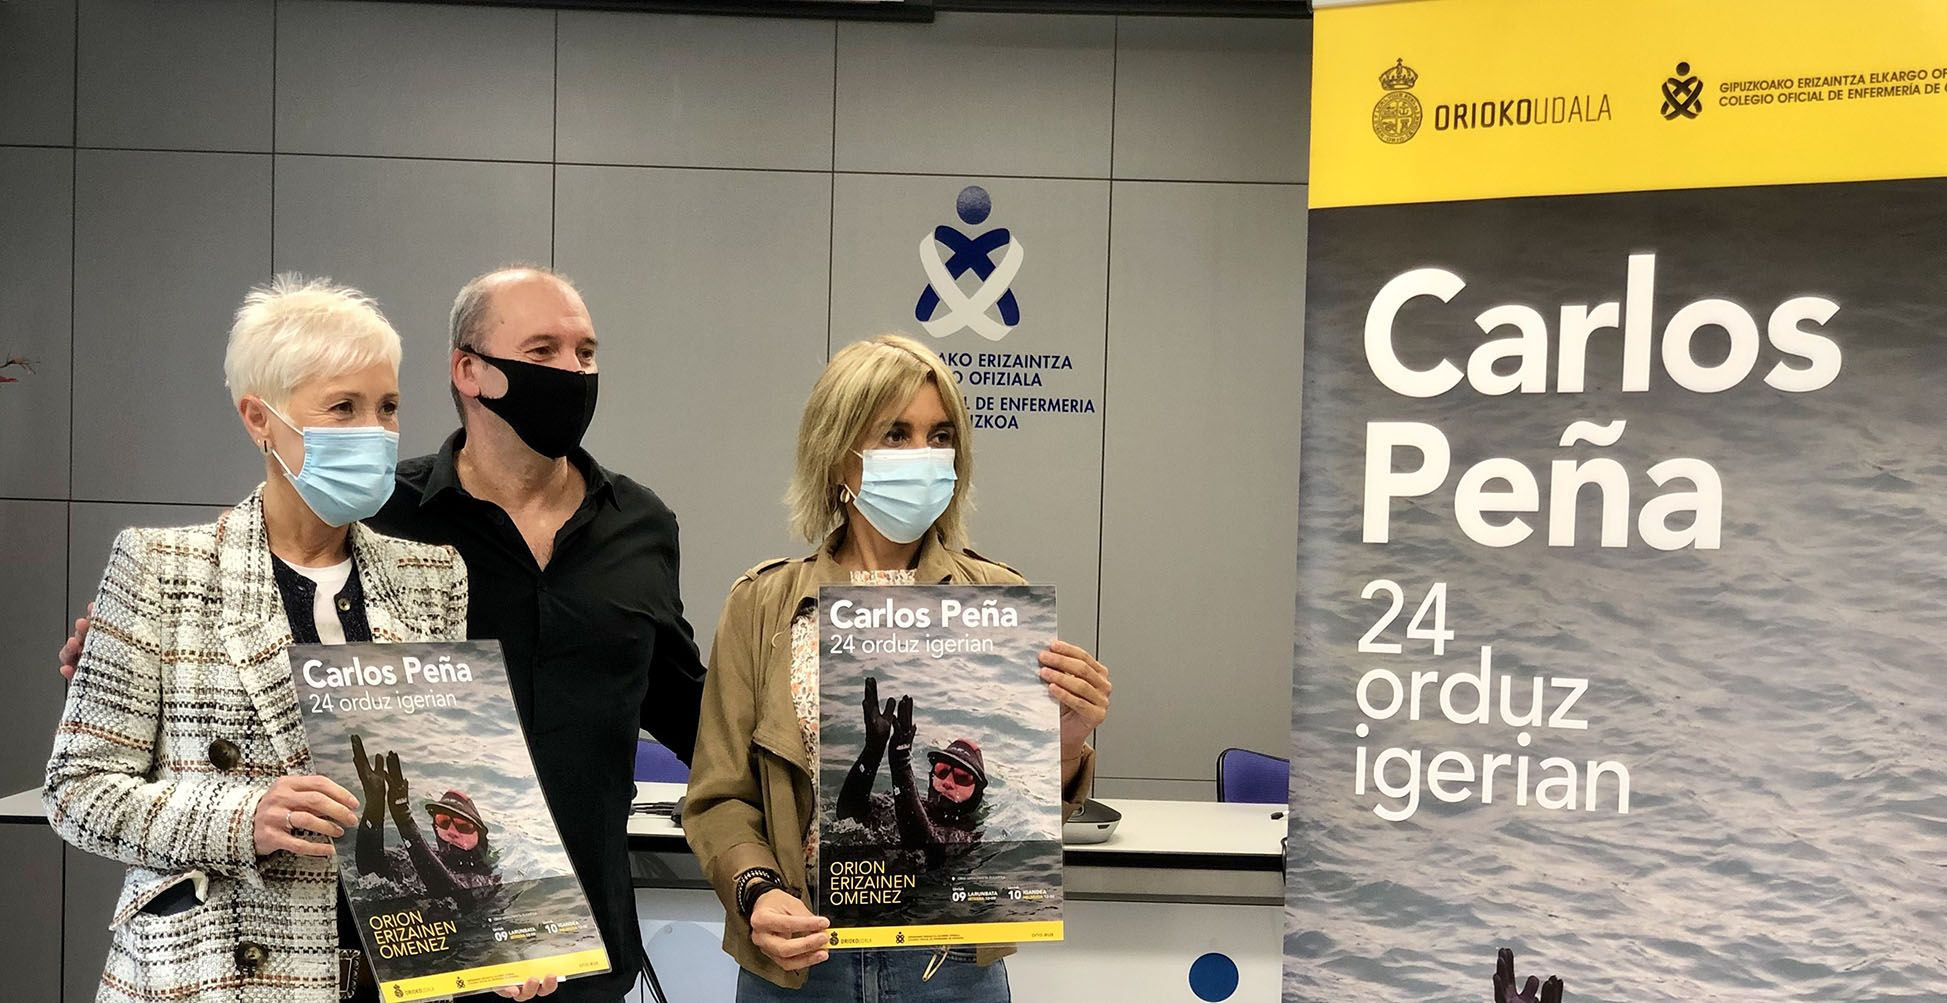 Carlos Peña realizará una travesía a nado 24 horas en Orio en homenaje a las enfermeras de Gipuzkoa